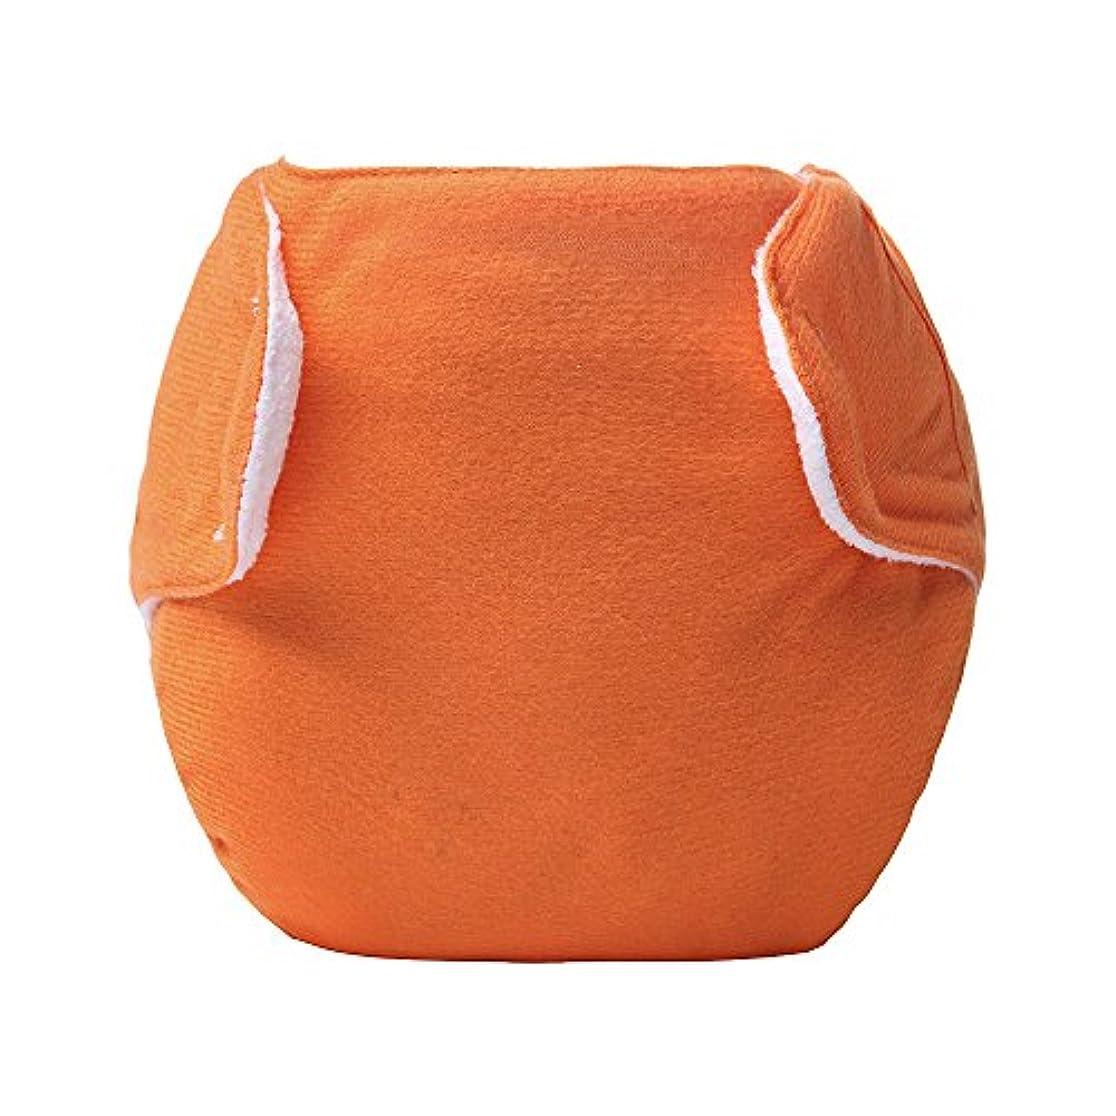 洗濯可能なフック&ループ リークプルーフメッシュベビーおむつ 布のおむつ オレンジ